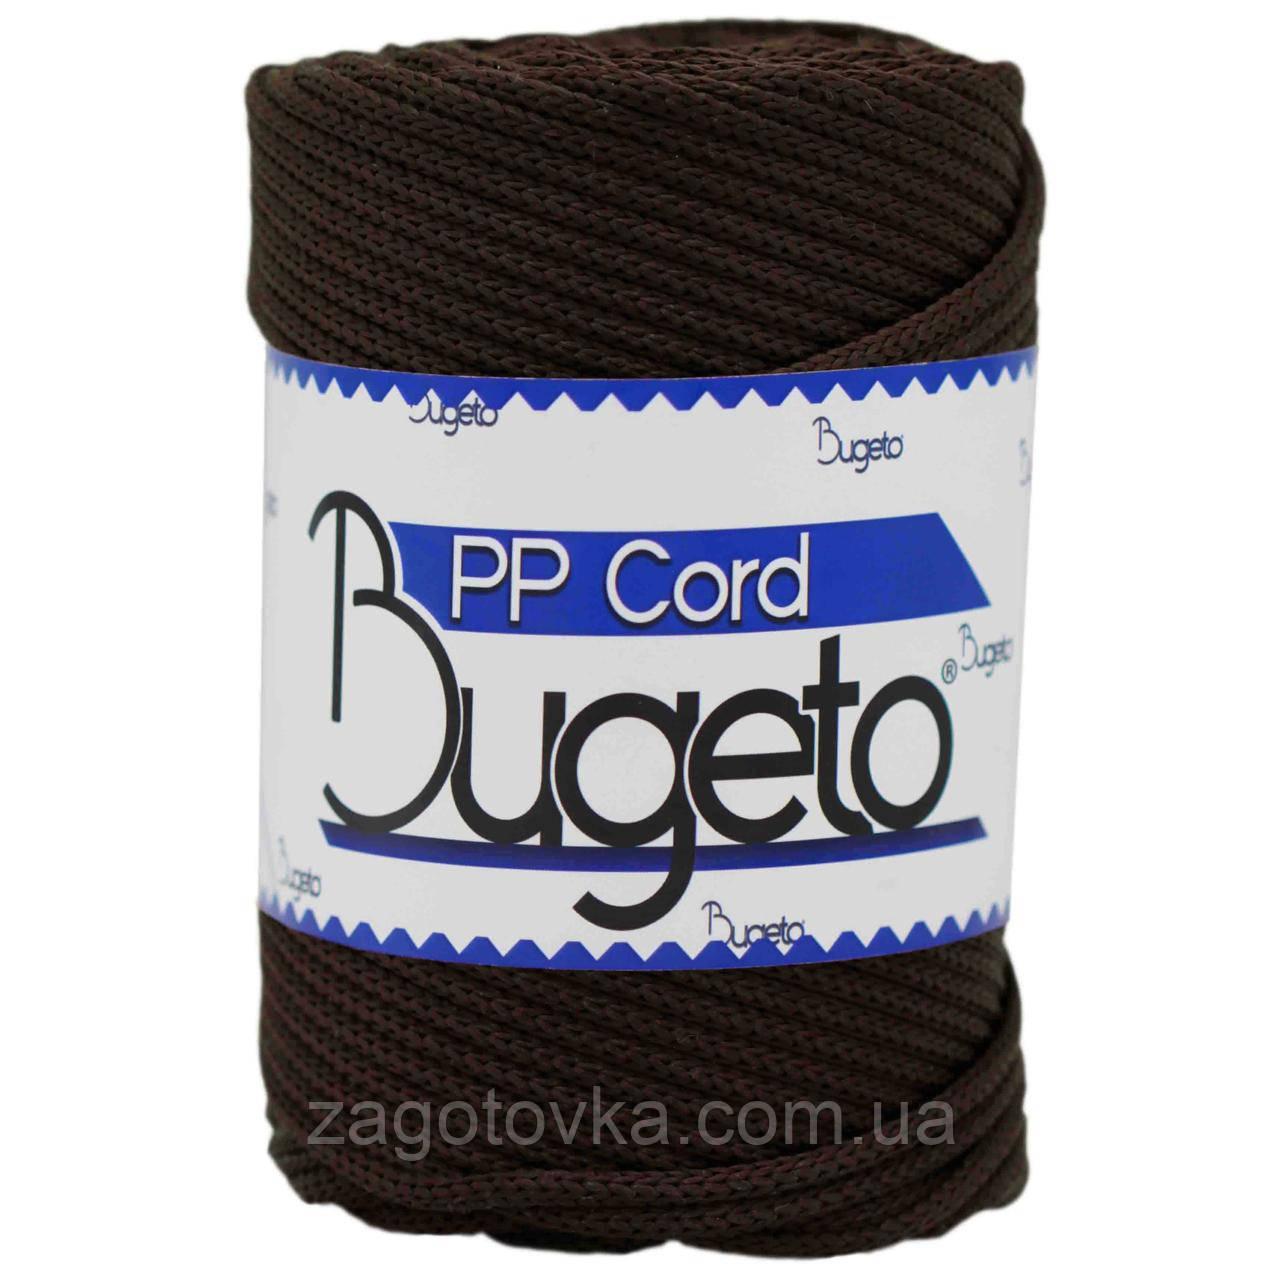 Шнур поліпропіленовий Bugeto PP Cord 5mm, Чорний шоколад